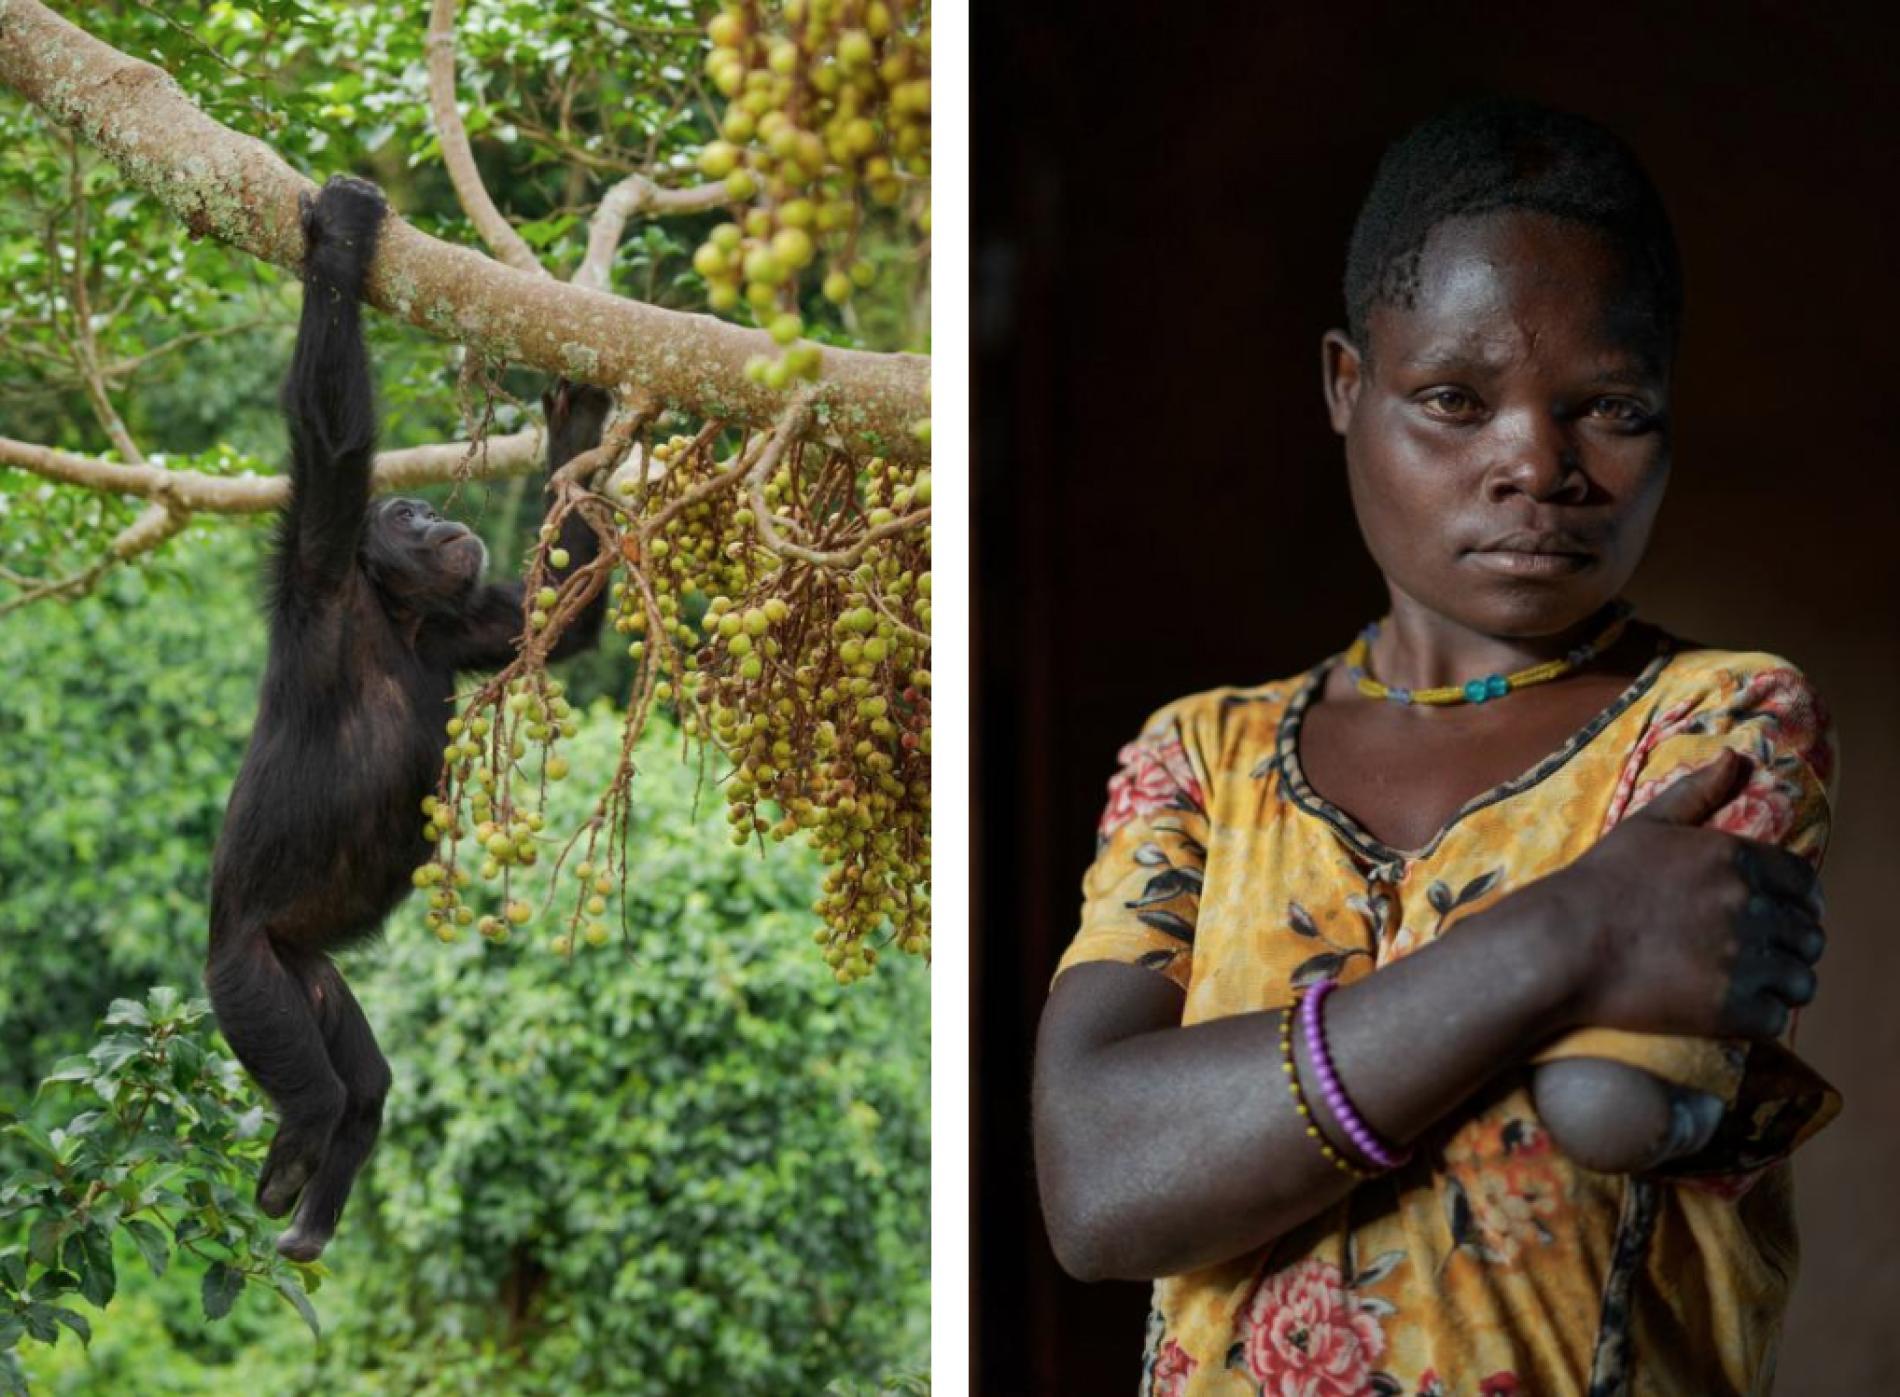 Шимпанзе, потерявший обе стопы в человеческих ловушках и Тедди Атухайре, потерявшая руку из-за нападения примата.